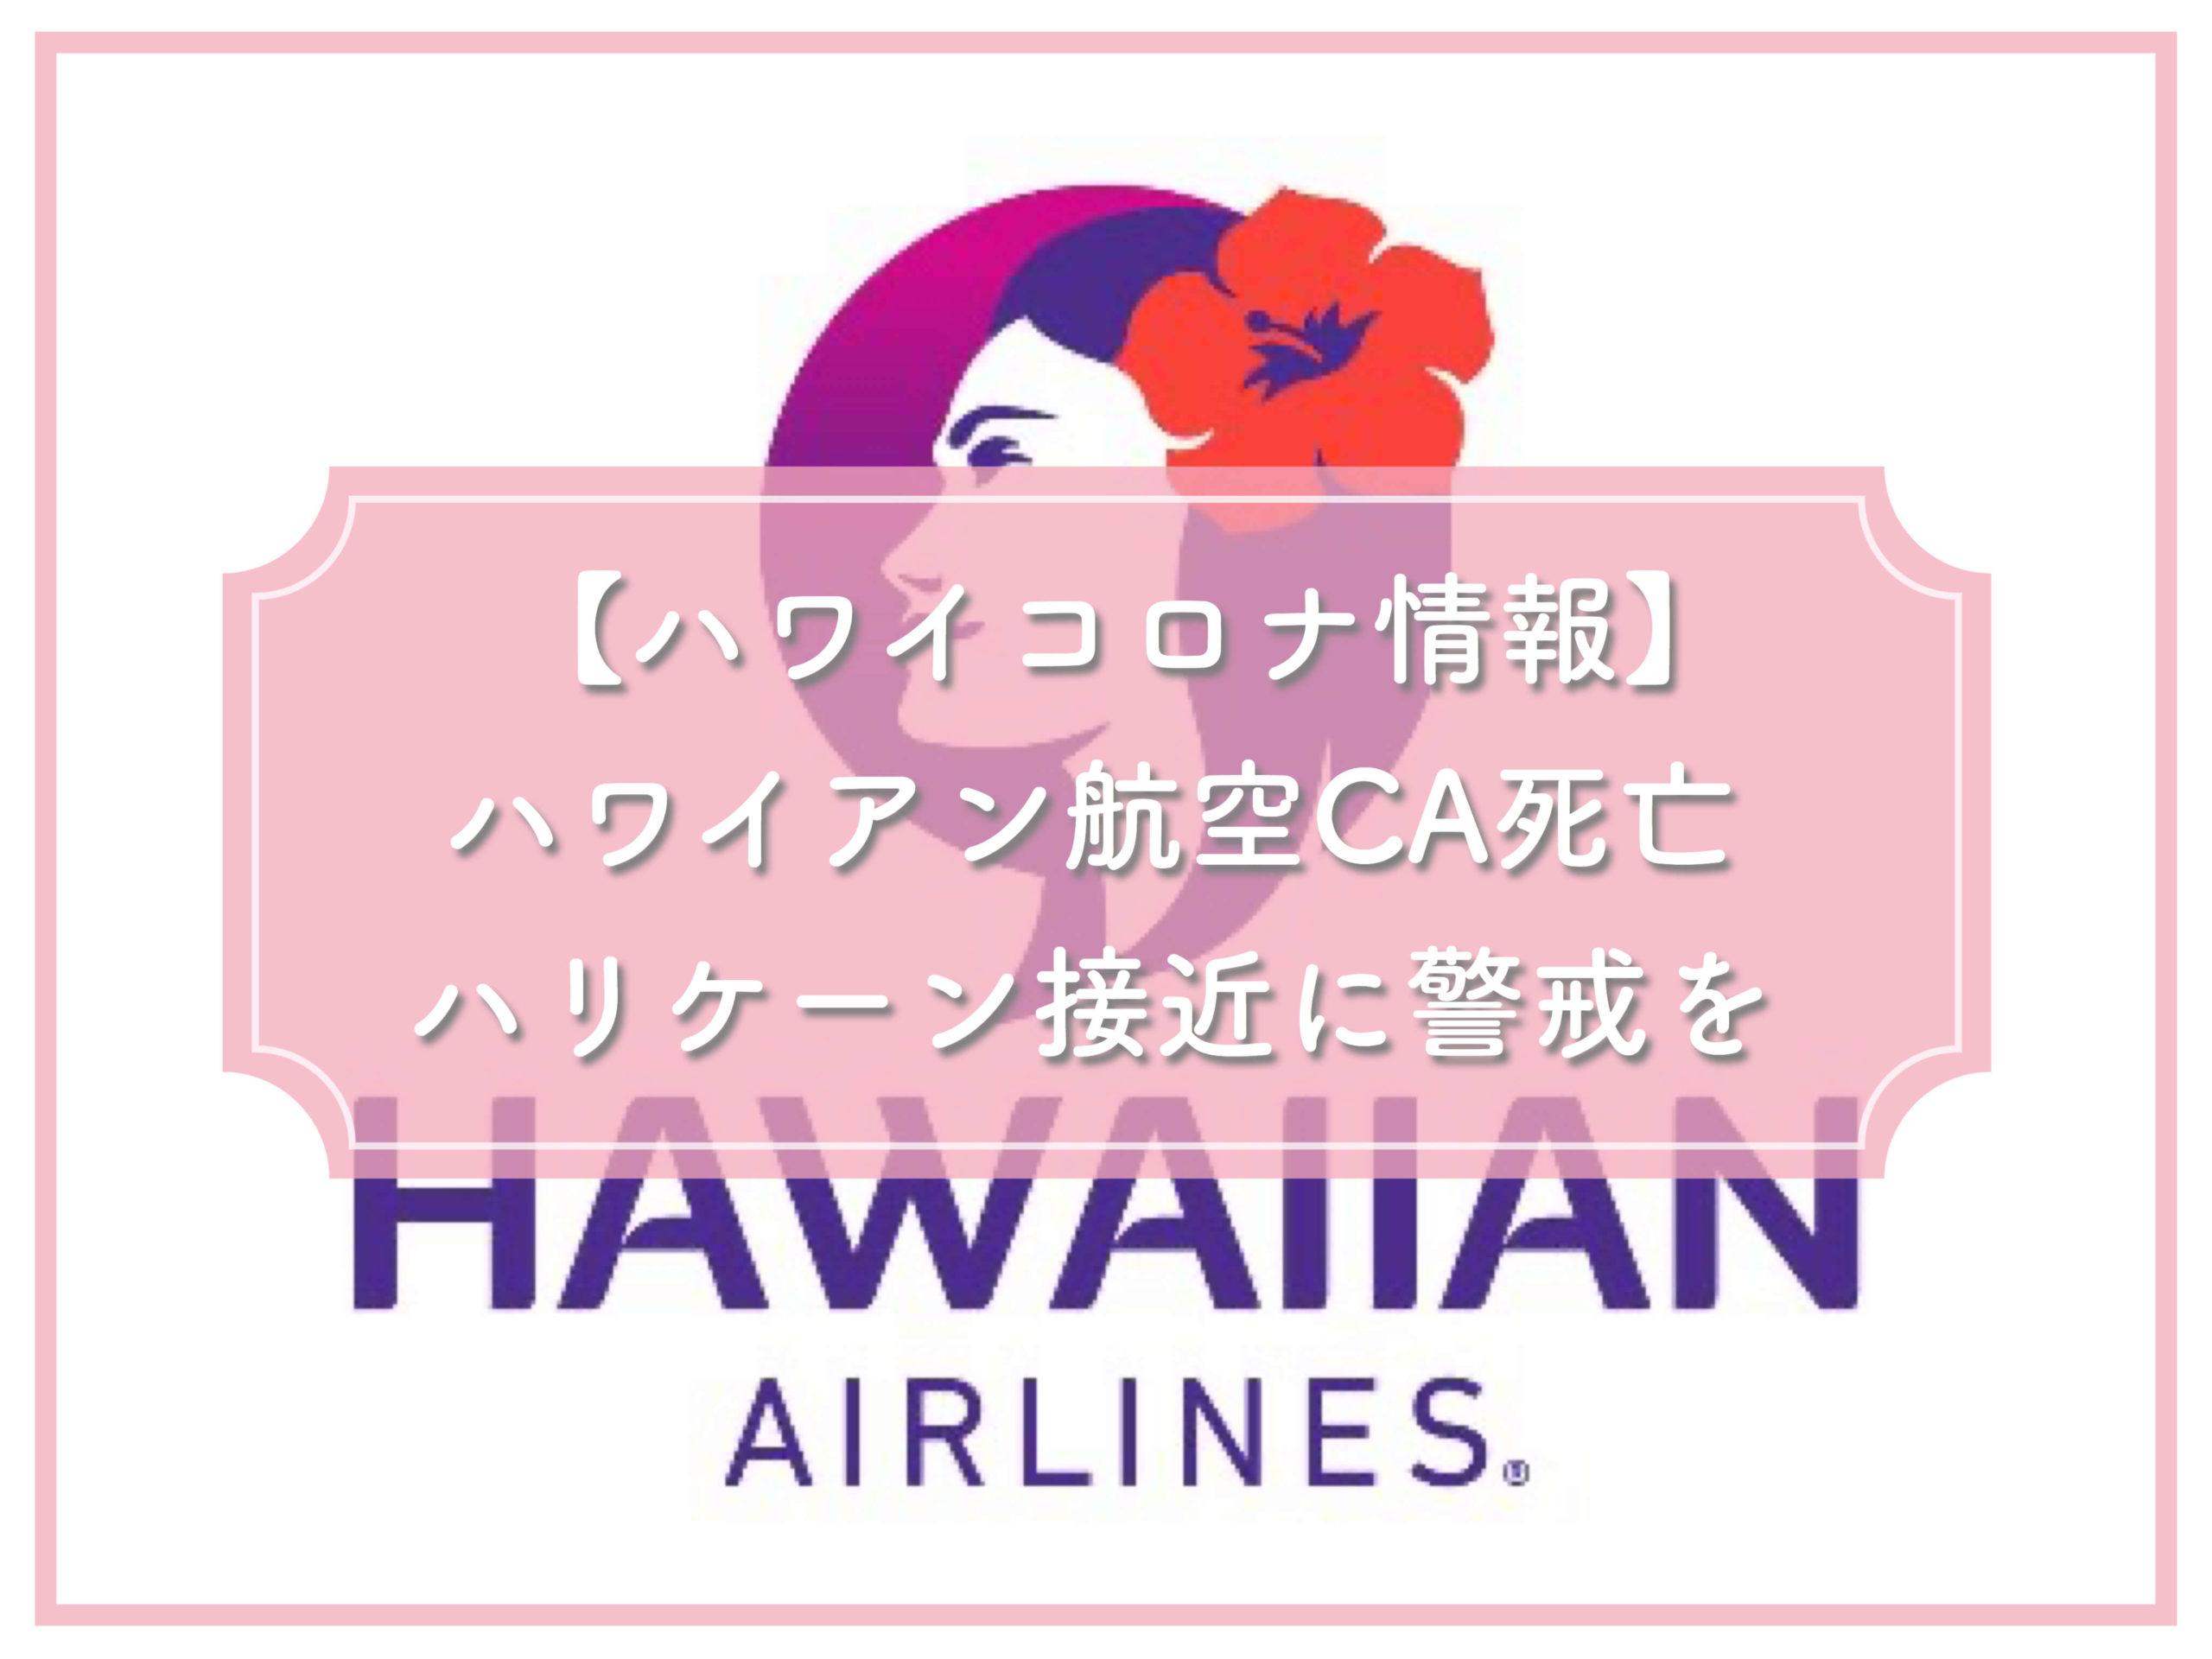 【ハワイコロナ情報】ハワイアン航空CA死亡 ハリケーン接近に警戒を